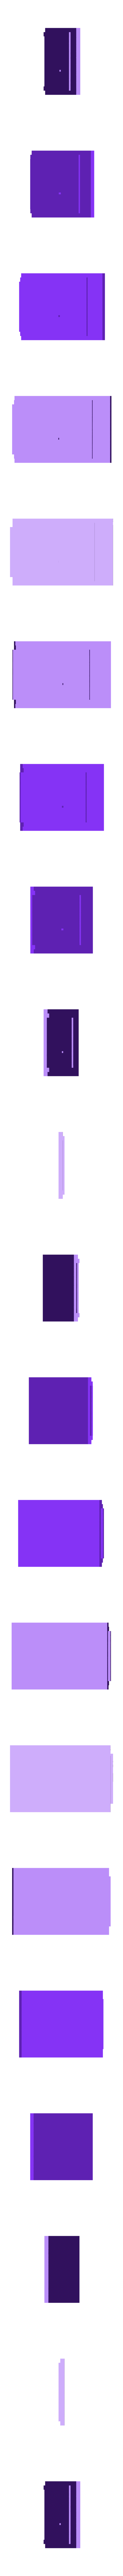 upright2.stl Download free STL file Walking Dead Book Ends • 3D printable design, wjordan819